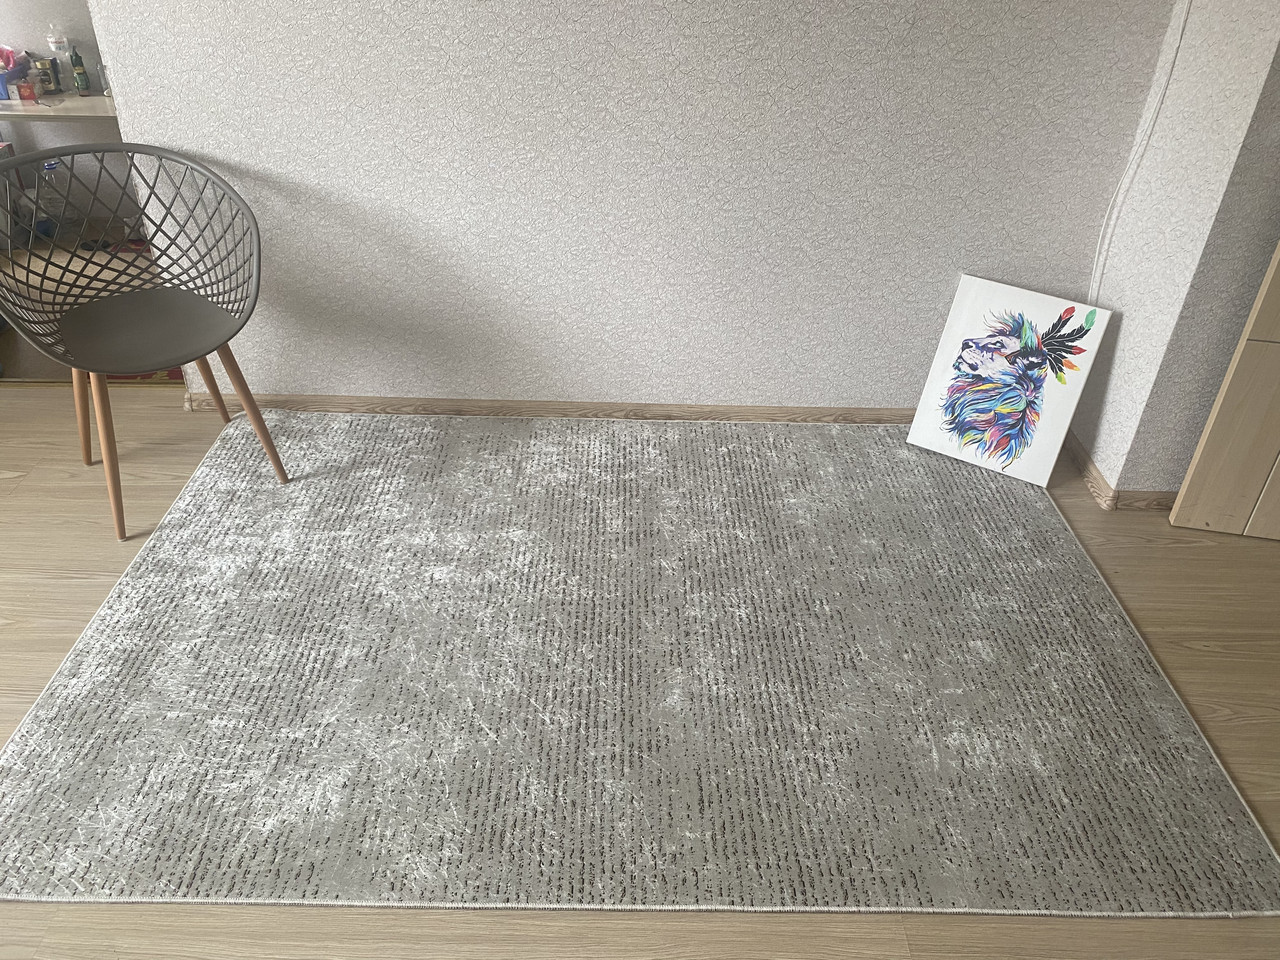 Турецкий ковер в спальню 100х160см.